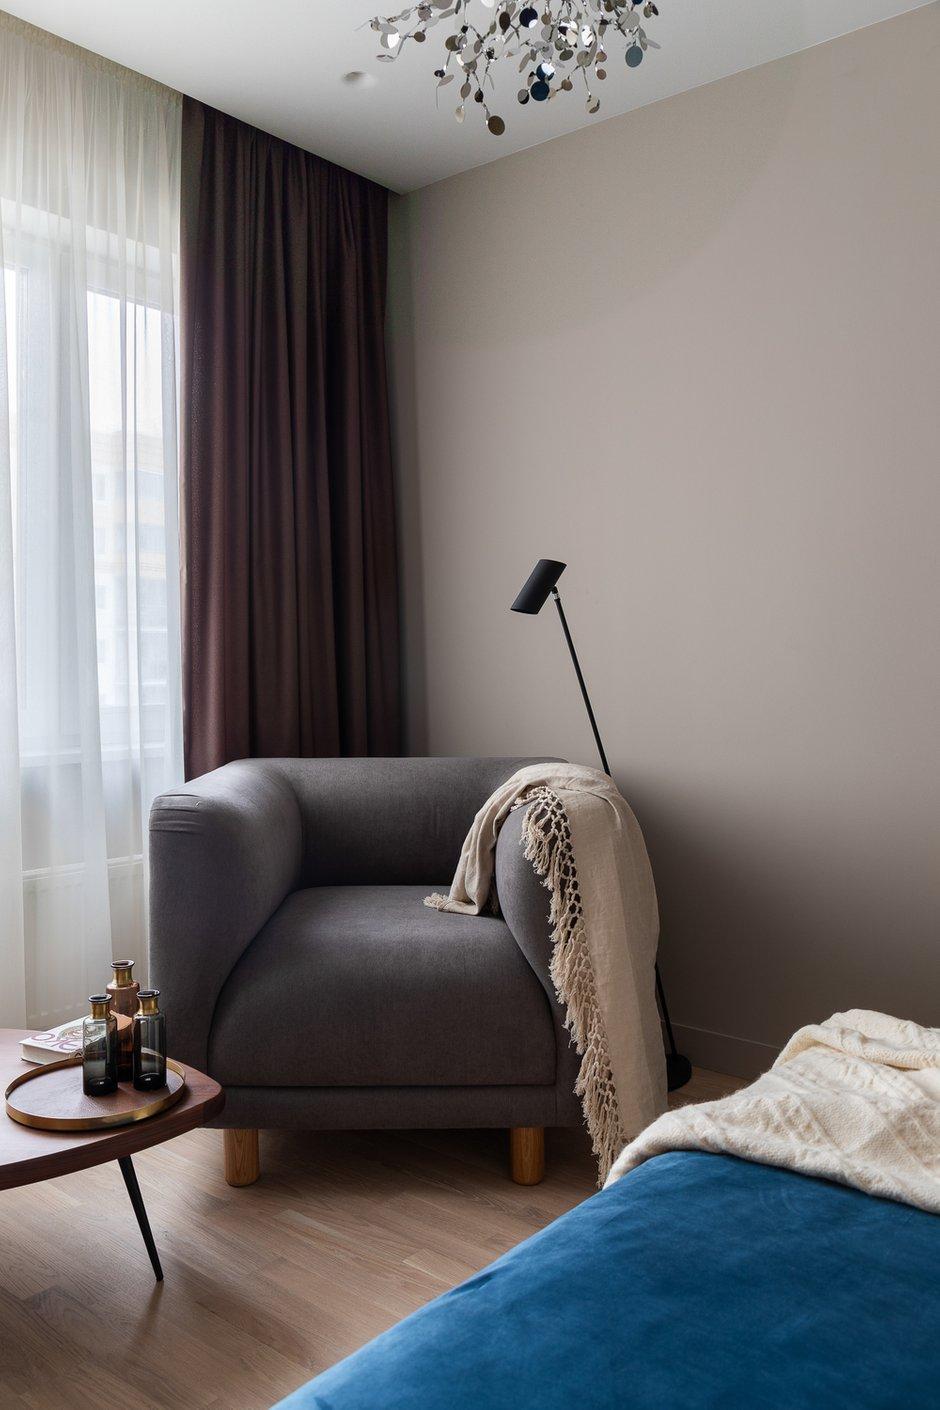 Фотография: Спальня в стиле Минимализм, Современный, Квартира, Проект недели, Санкт-Петербург, 2 комнаты, 40-60 метров, ARCA design – фото на INMYROOM